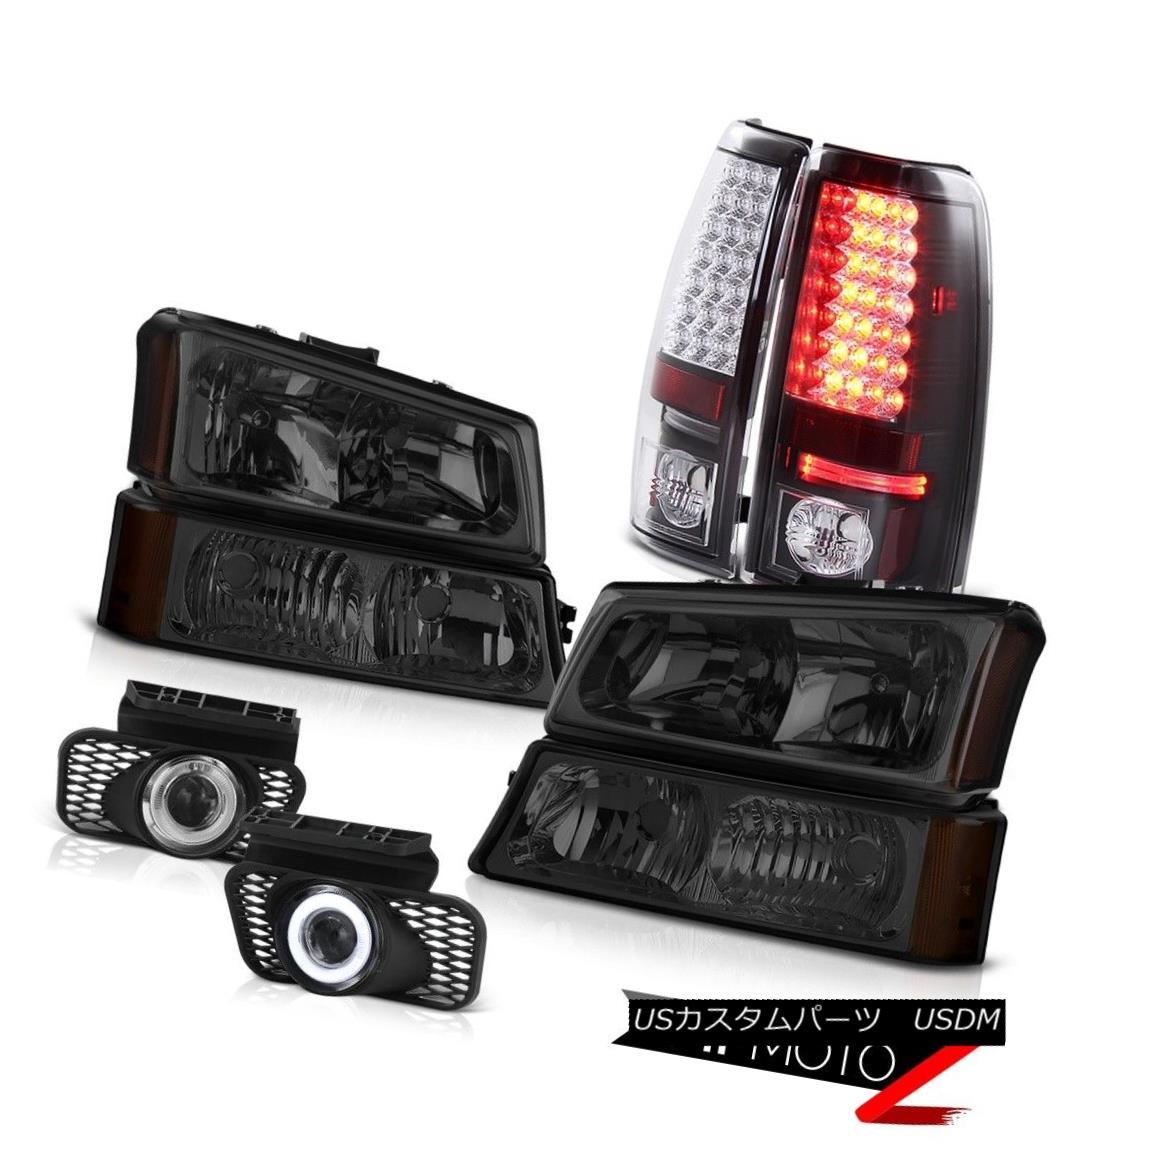 ヘッドライト Pair Headlamps Bumper Signal LED Black Tail Light Clear Foglight 05 06 Silverado ペアヘッドランプバンパーシグナルLEDブラックテールライトクリアフォグライト05 06シルバラード